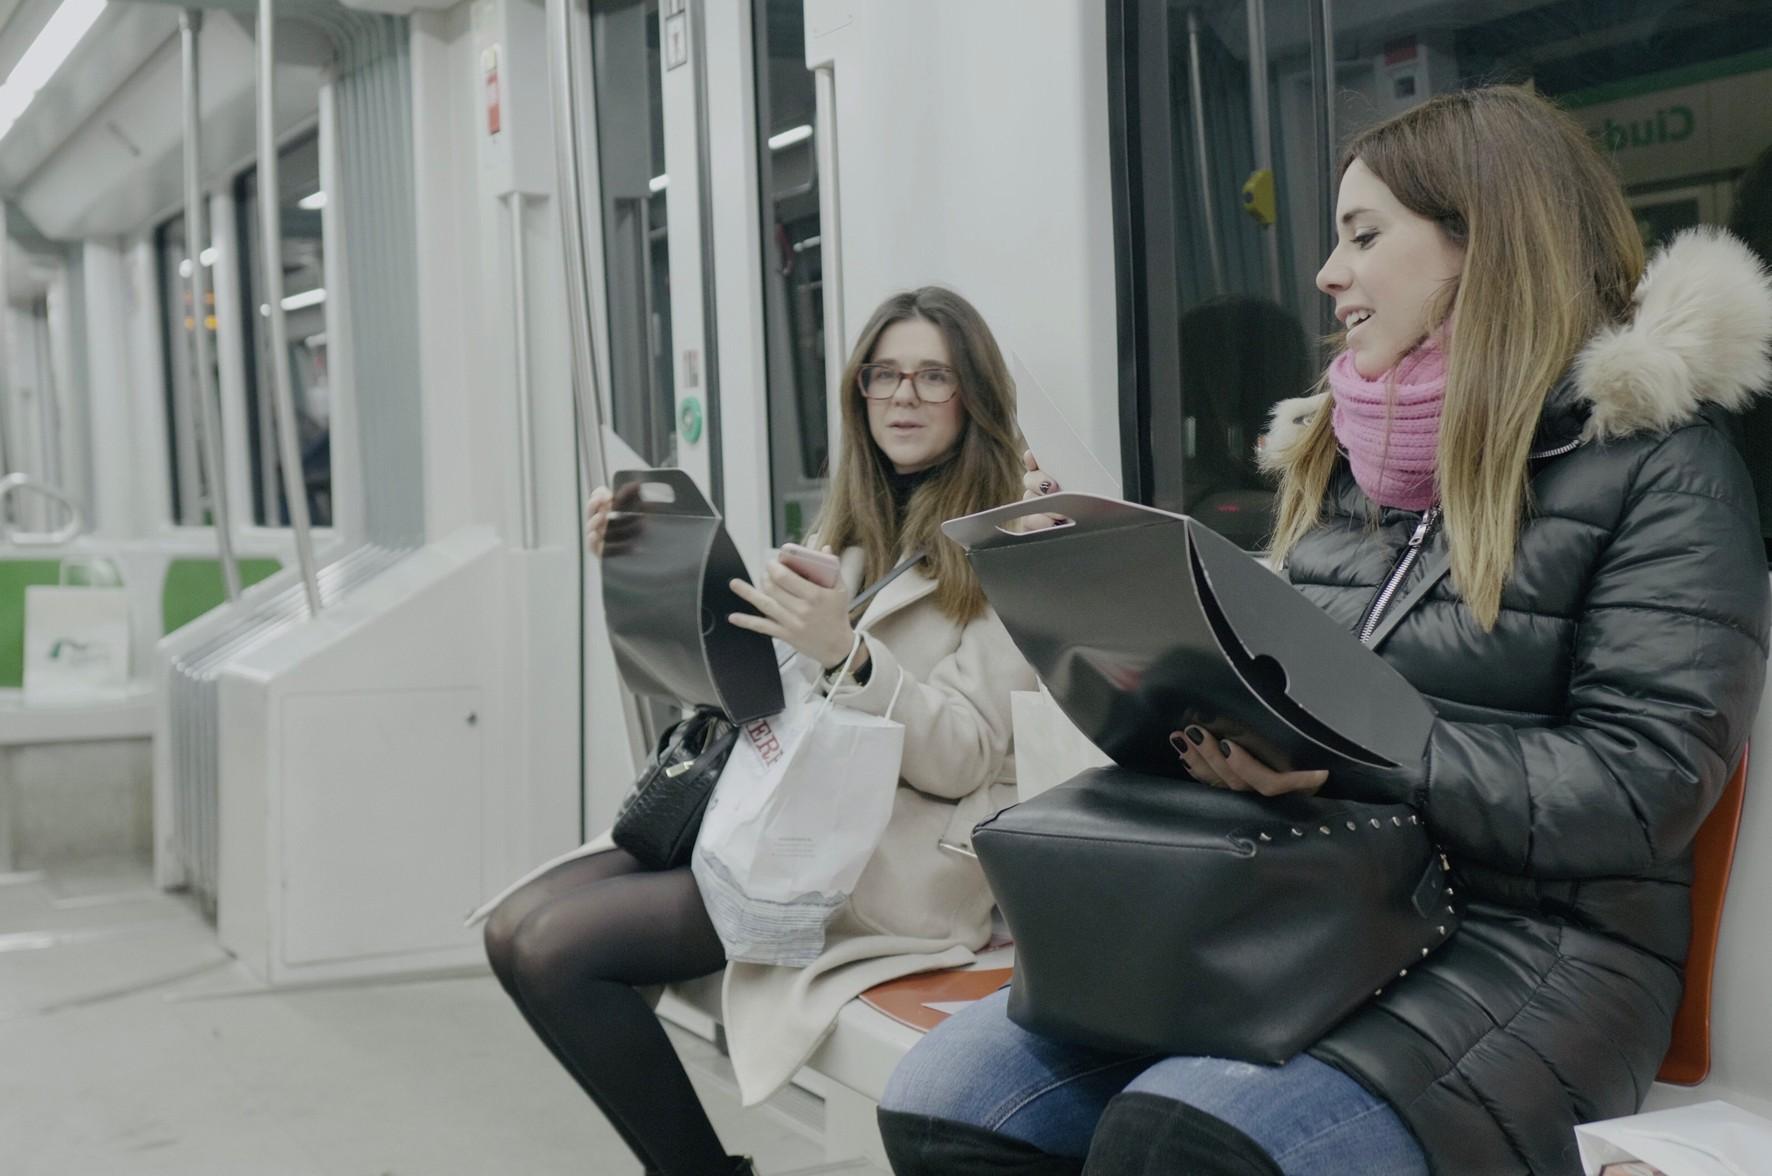 Los usuarios de metro se han visto sorprendidos con regalos en sus asientos.